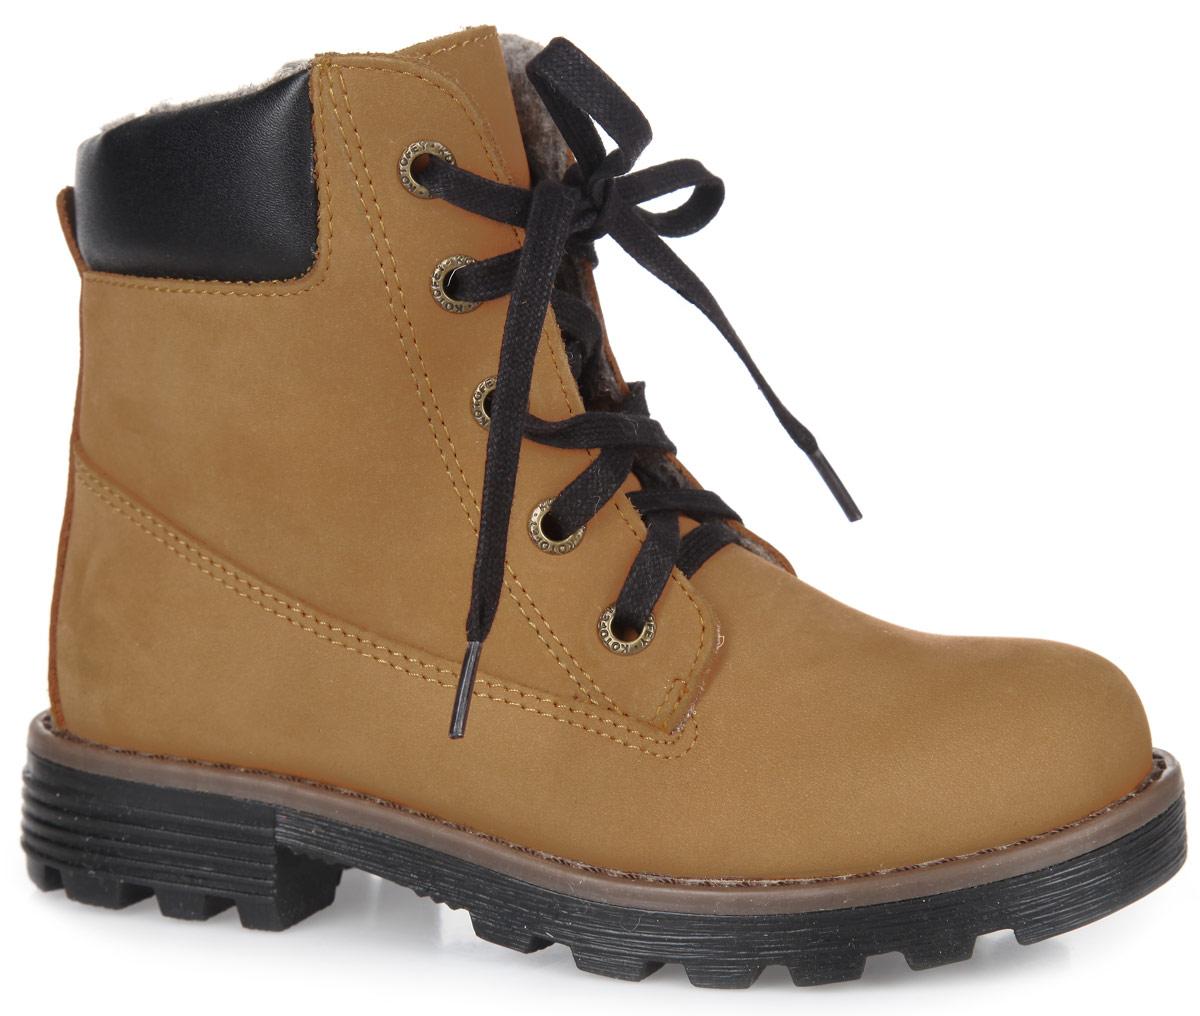 Ботинки для мальчика. 652046-32652046-32Стильные ботинки от Котофей придутся по душе вашему мальчику. Модель выполнена из натуральной кожи с гидрофобной пропиткой, обладающей водоотталкивающим эффектом. Вдоль ранта модель оформлена крупной прострочкой. Подкладка и стелька из байки с 80% содержанием шерсти, не дадут ногам замерзнуть. Удобная боковая застежка-молния позволяет легко обувать и снимать ботинки, а функциональная шнуровка обеспечит идеальную фиксацию обуви на ноге. Подошва и каблук с протектором обеспечивают оптимальное сцепление с поверхностью. Модные ботинки займут достойное место в гардеробе вашего ребенка.